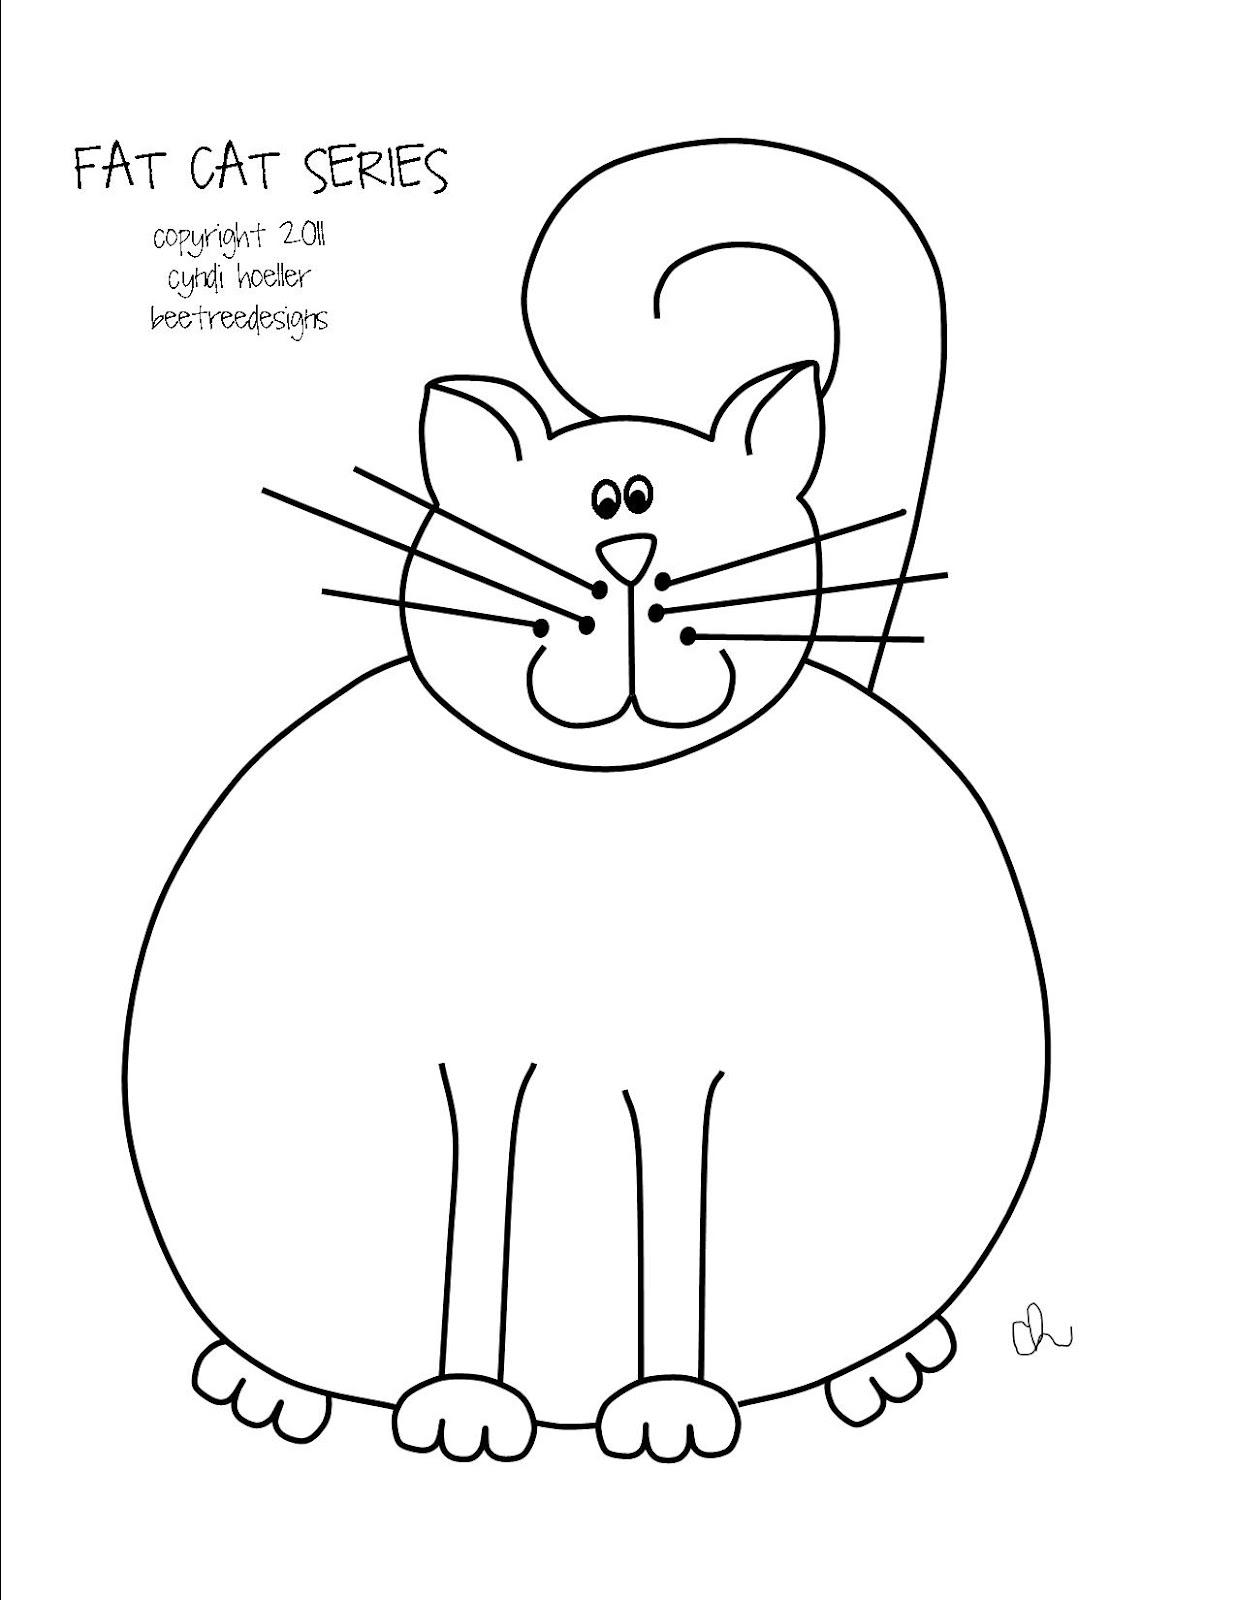 Stitch, Stitch, Stitch: FREEBIE-FAT CAT